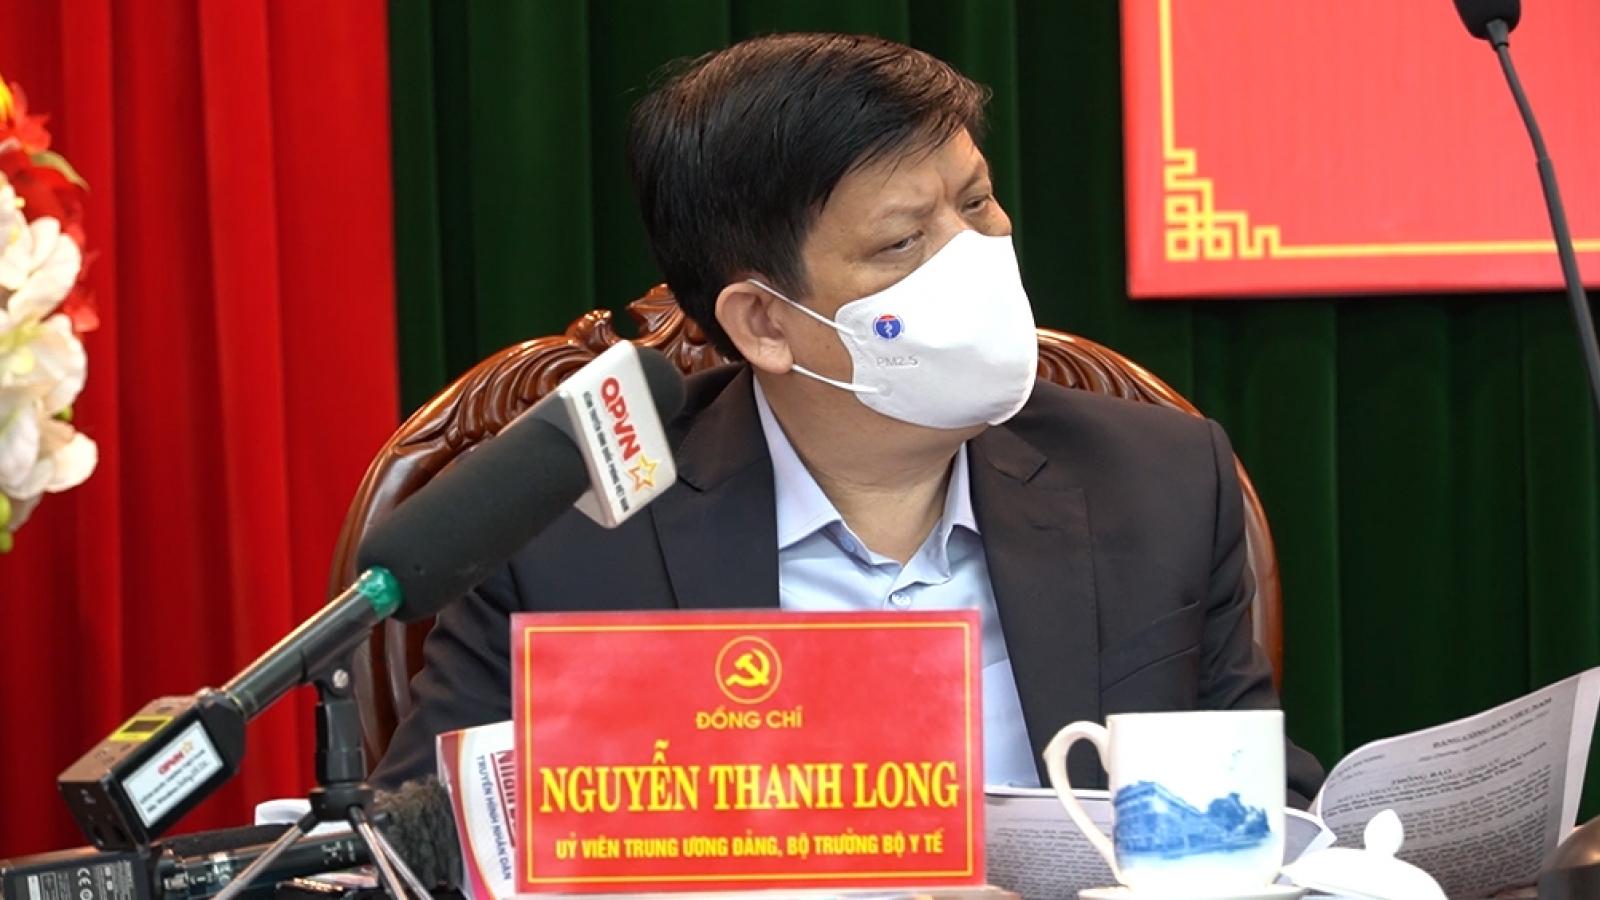 Bộ trưởng Bộ Y tế: Đề nghị Hải Dương áp dụng chỉ thị 16 ở diện rộng hơn